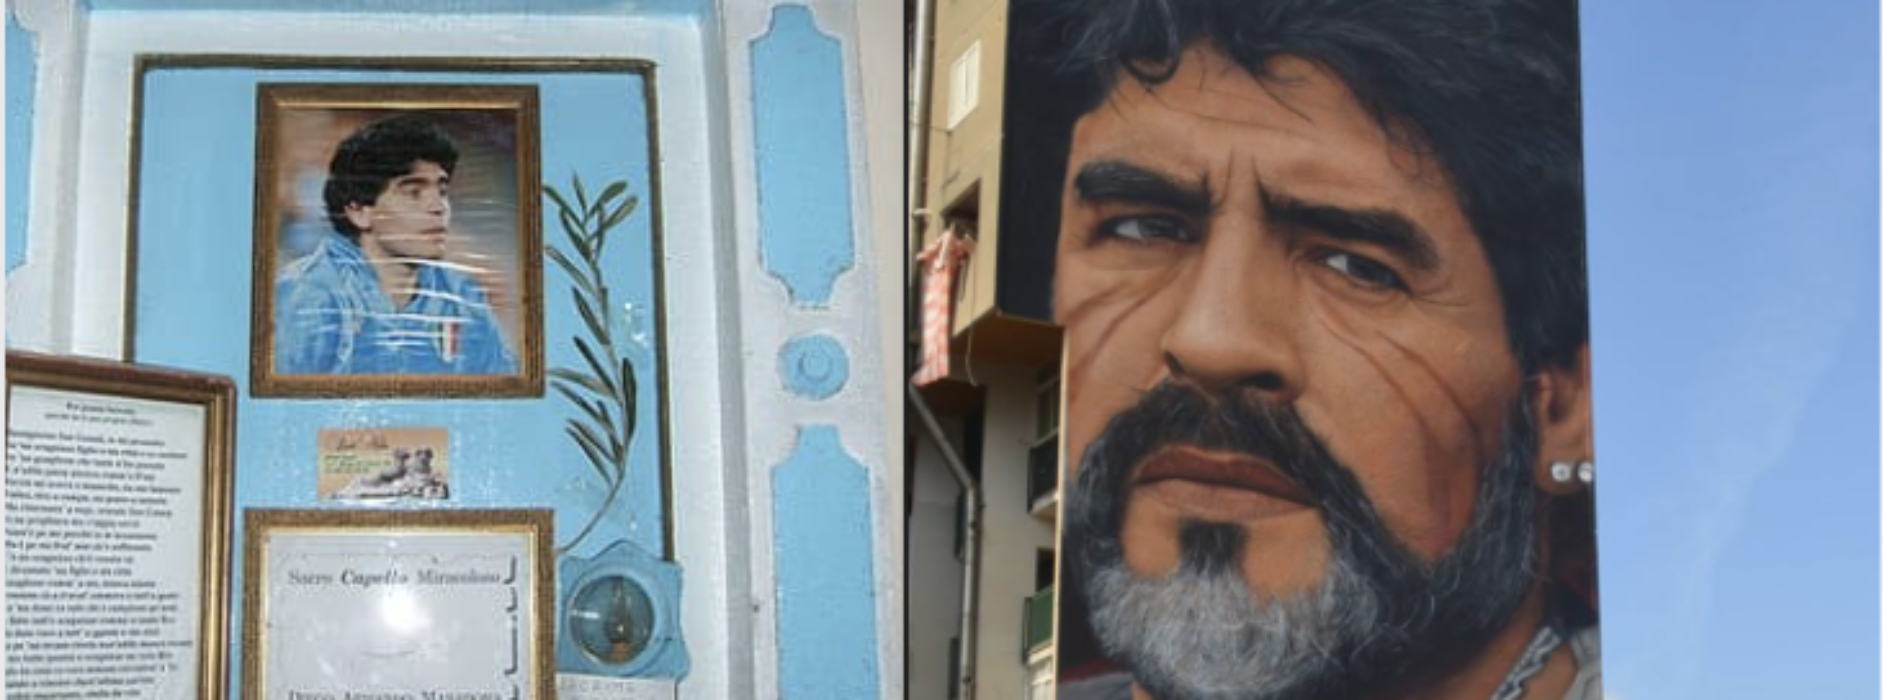 Mano de Dios, l'immagine di Maradona un'icona pop mondiale